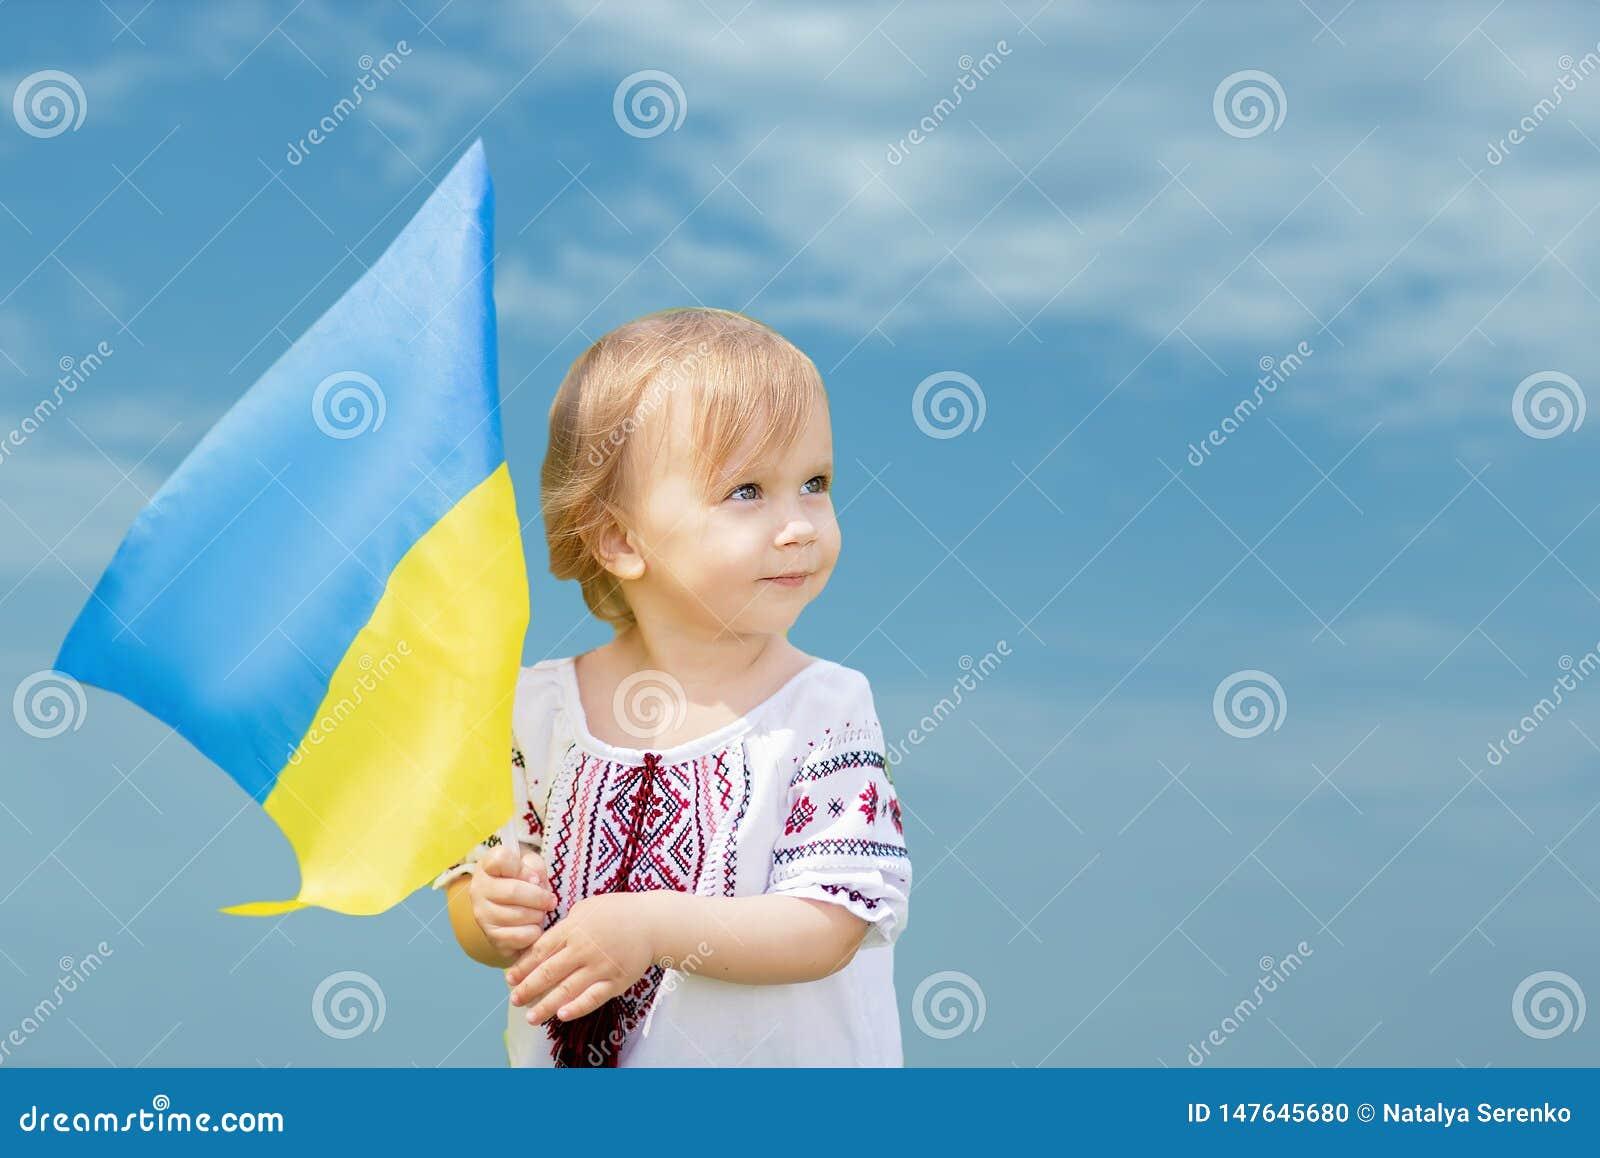 Το παιδί φέρνει την κυματίζοντας μπλε και κίτρινη σημαία της Ουκρανίας στον τομέα Ημέρα της ανεξαρτησίας της Ουκρανίας Ημέρα σημα